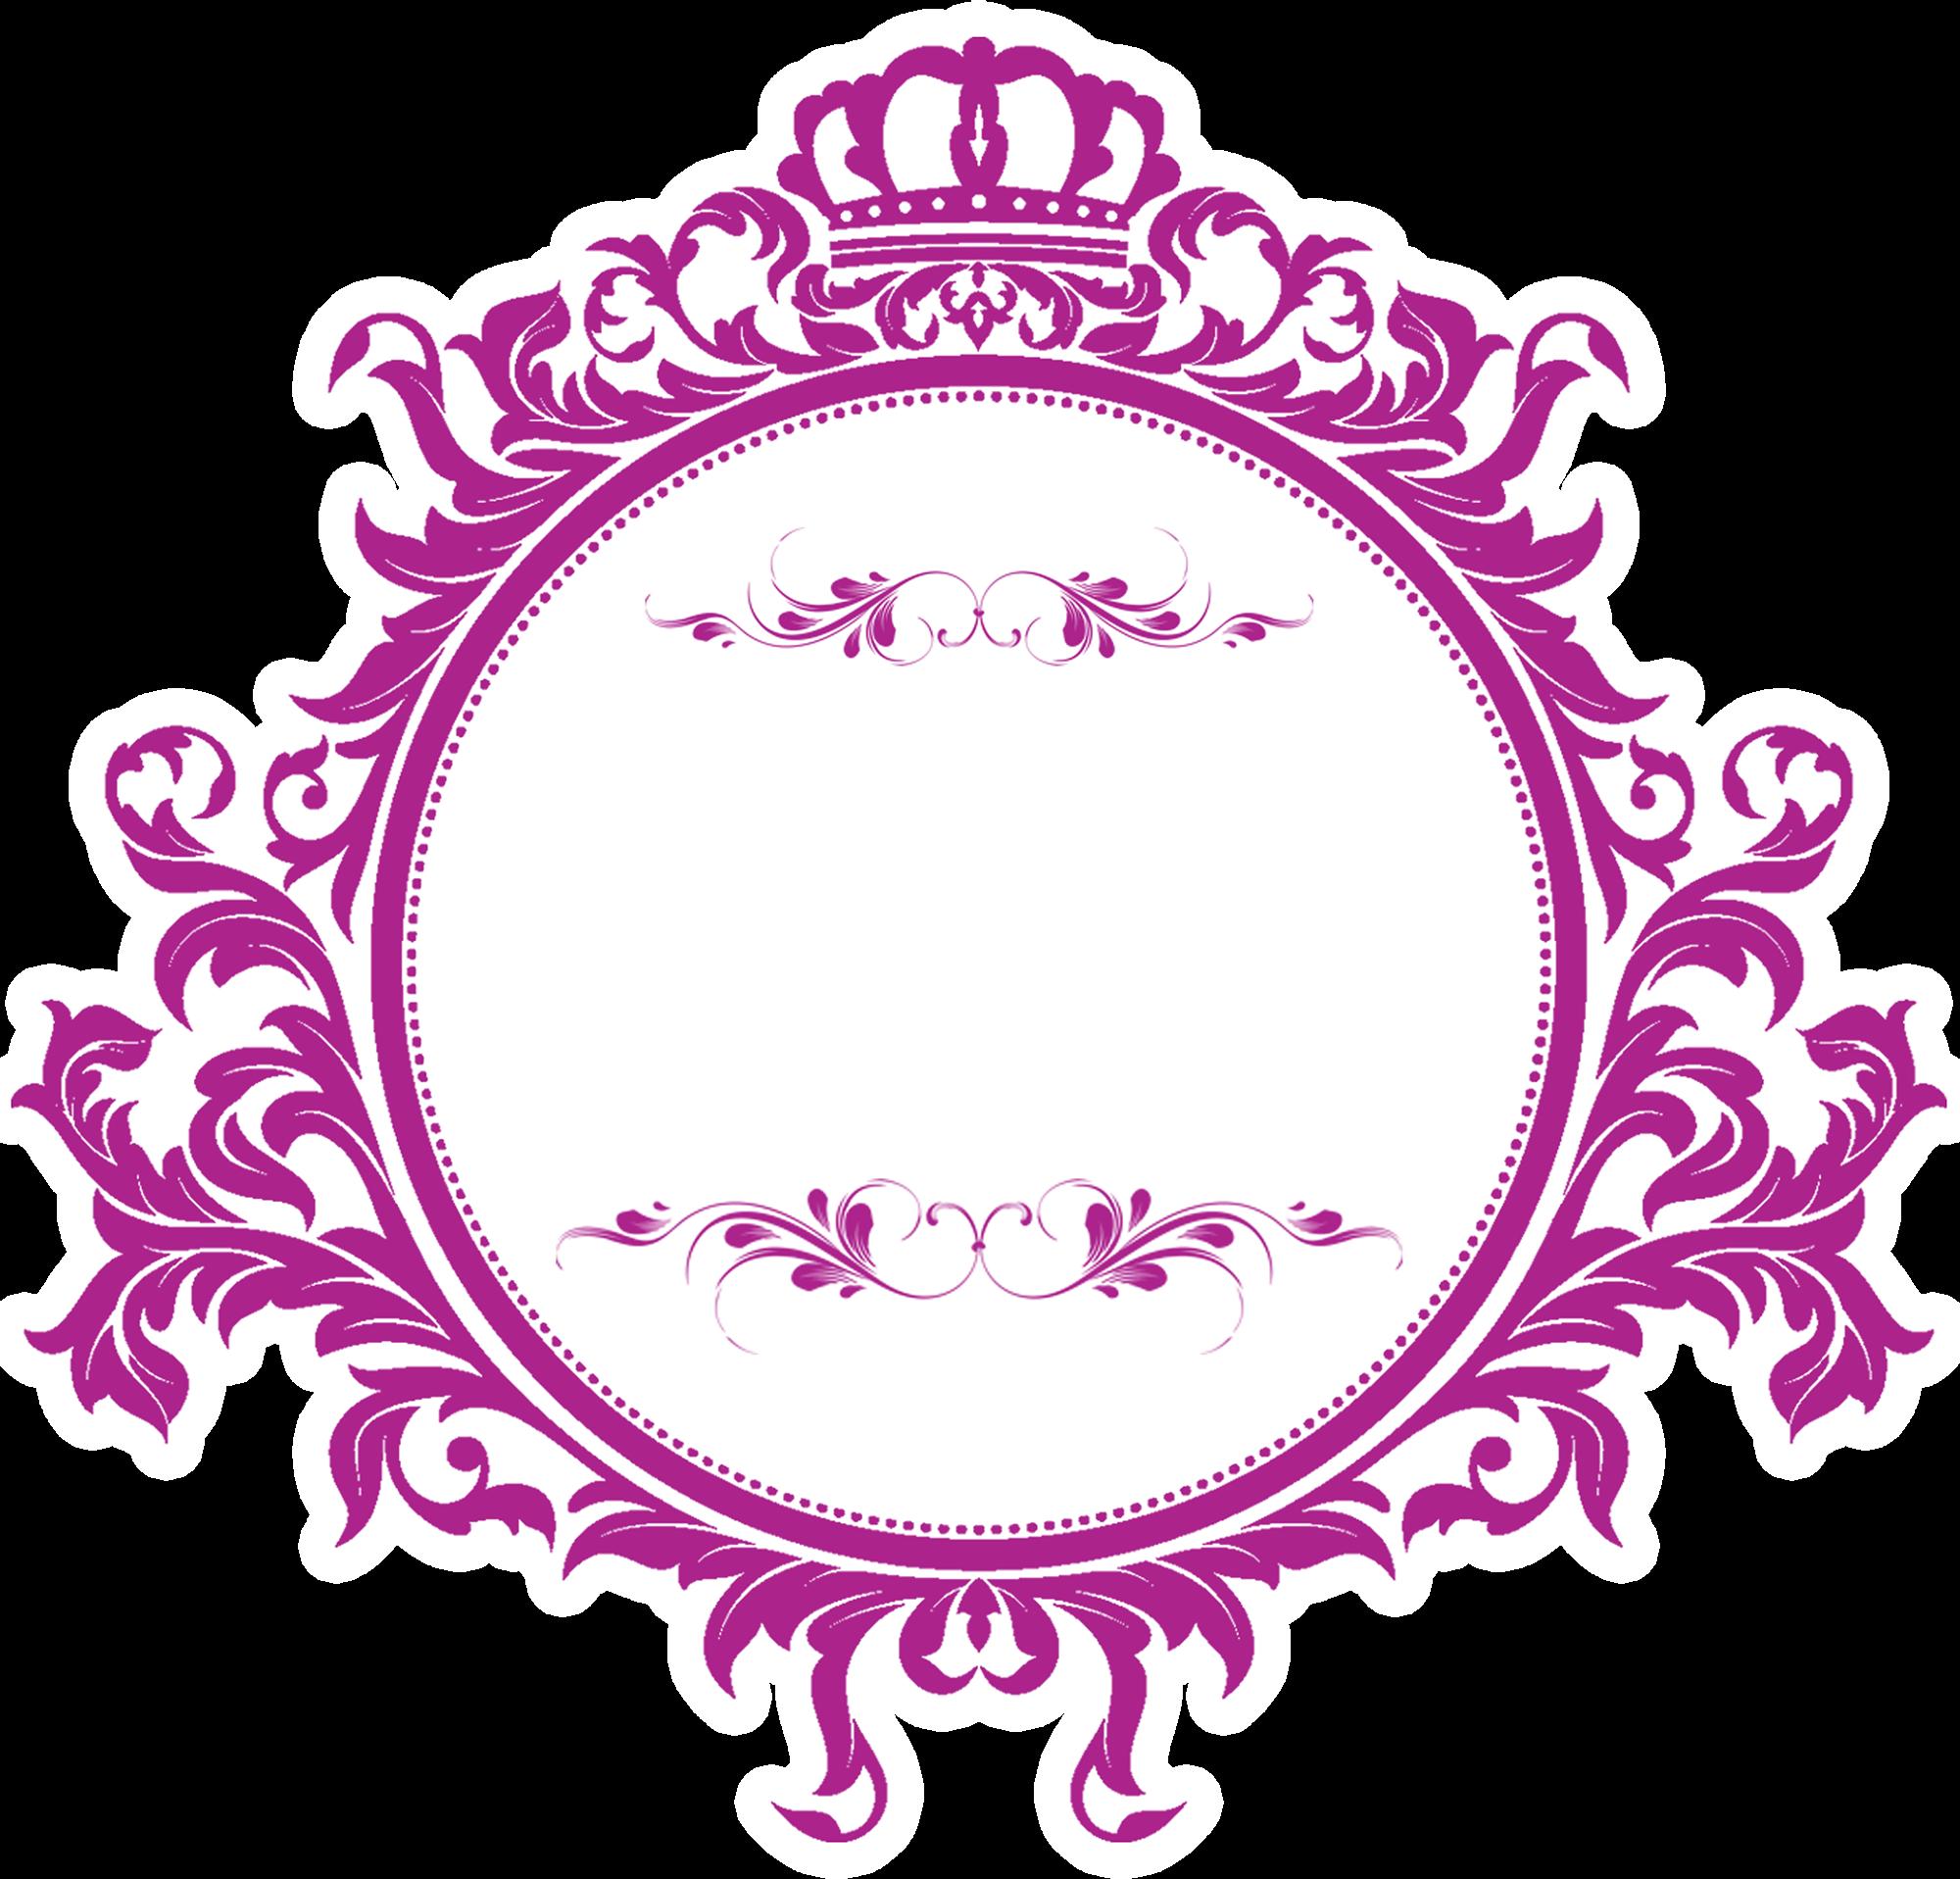 Wedding logo vector clipart svg free download Picture Frame Euclidean Vector Wedding Logo Clipart ... svg free download